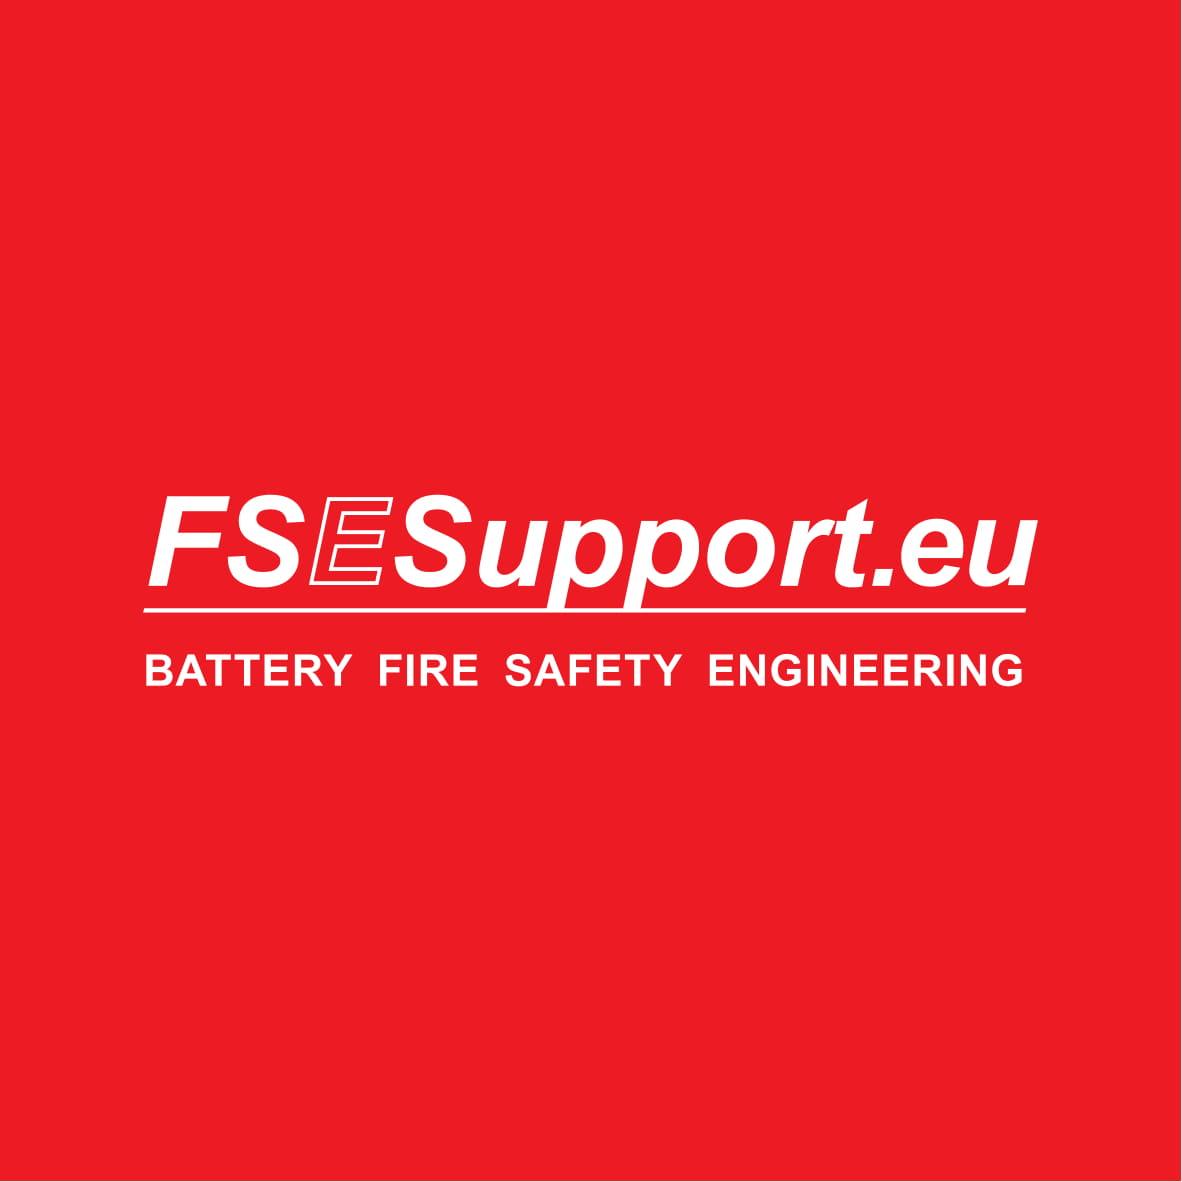 Basis logo FSESupport-1.jpg